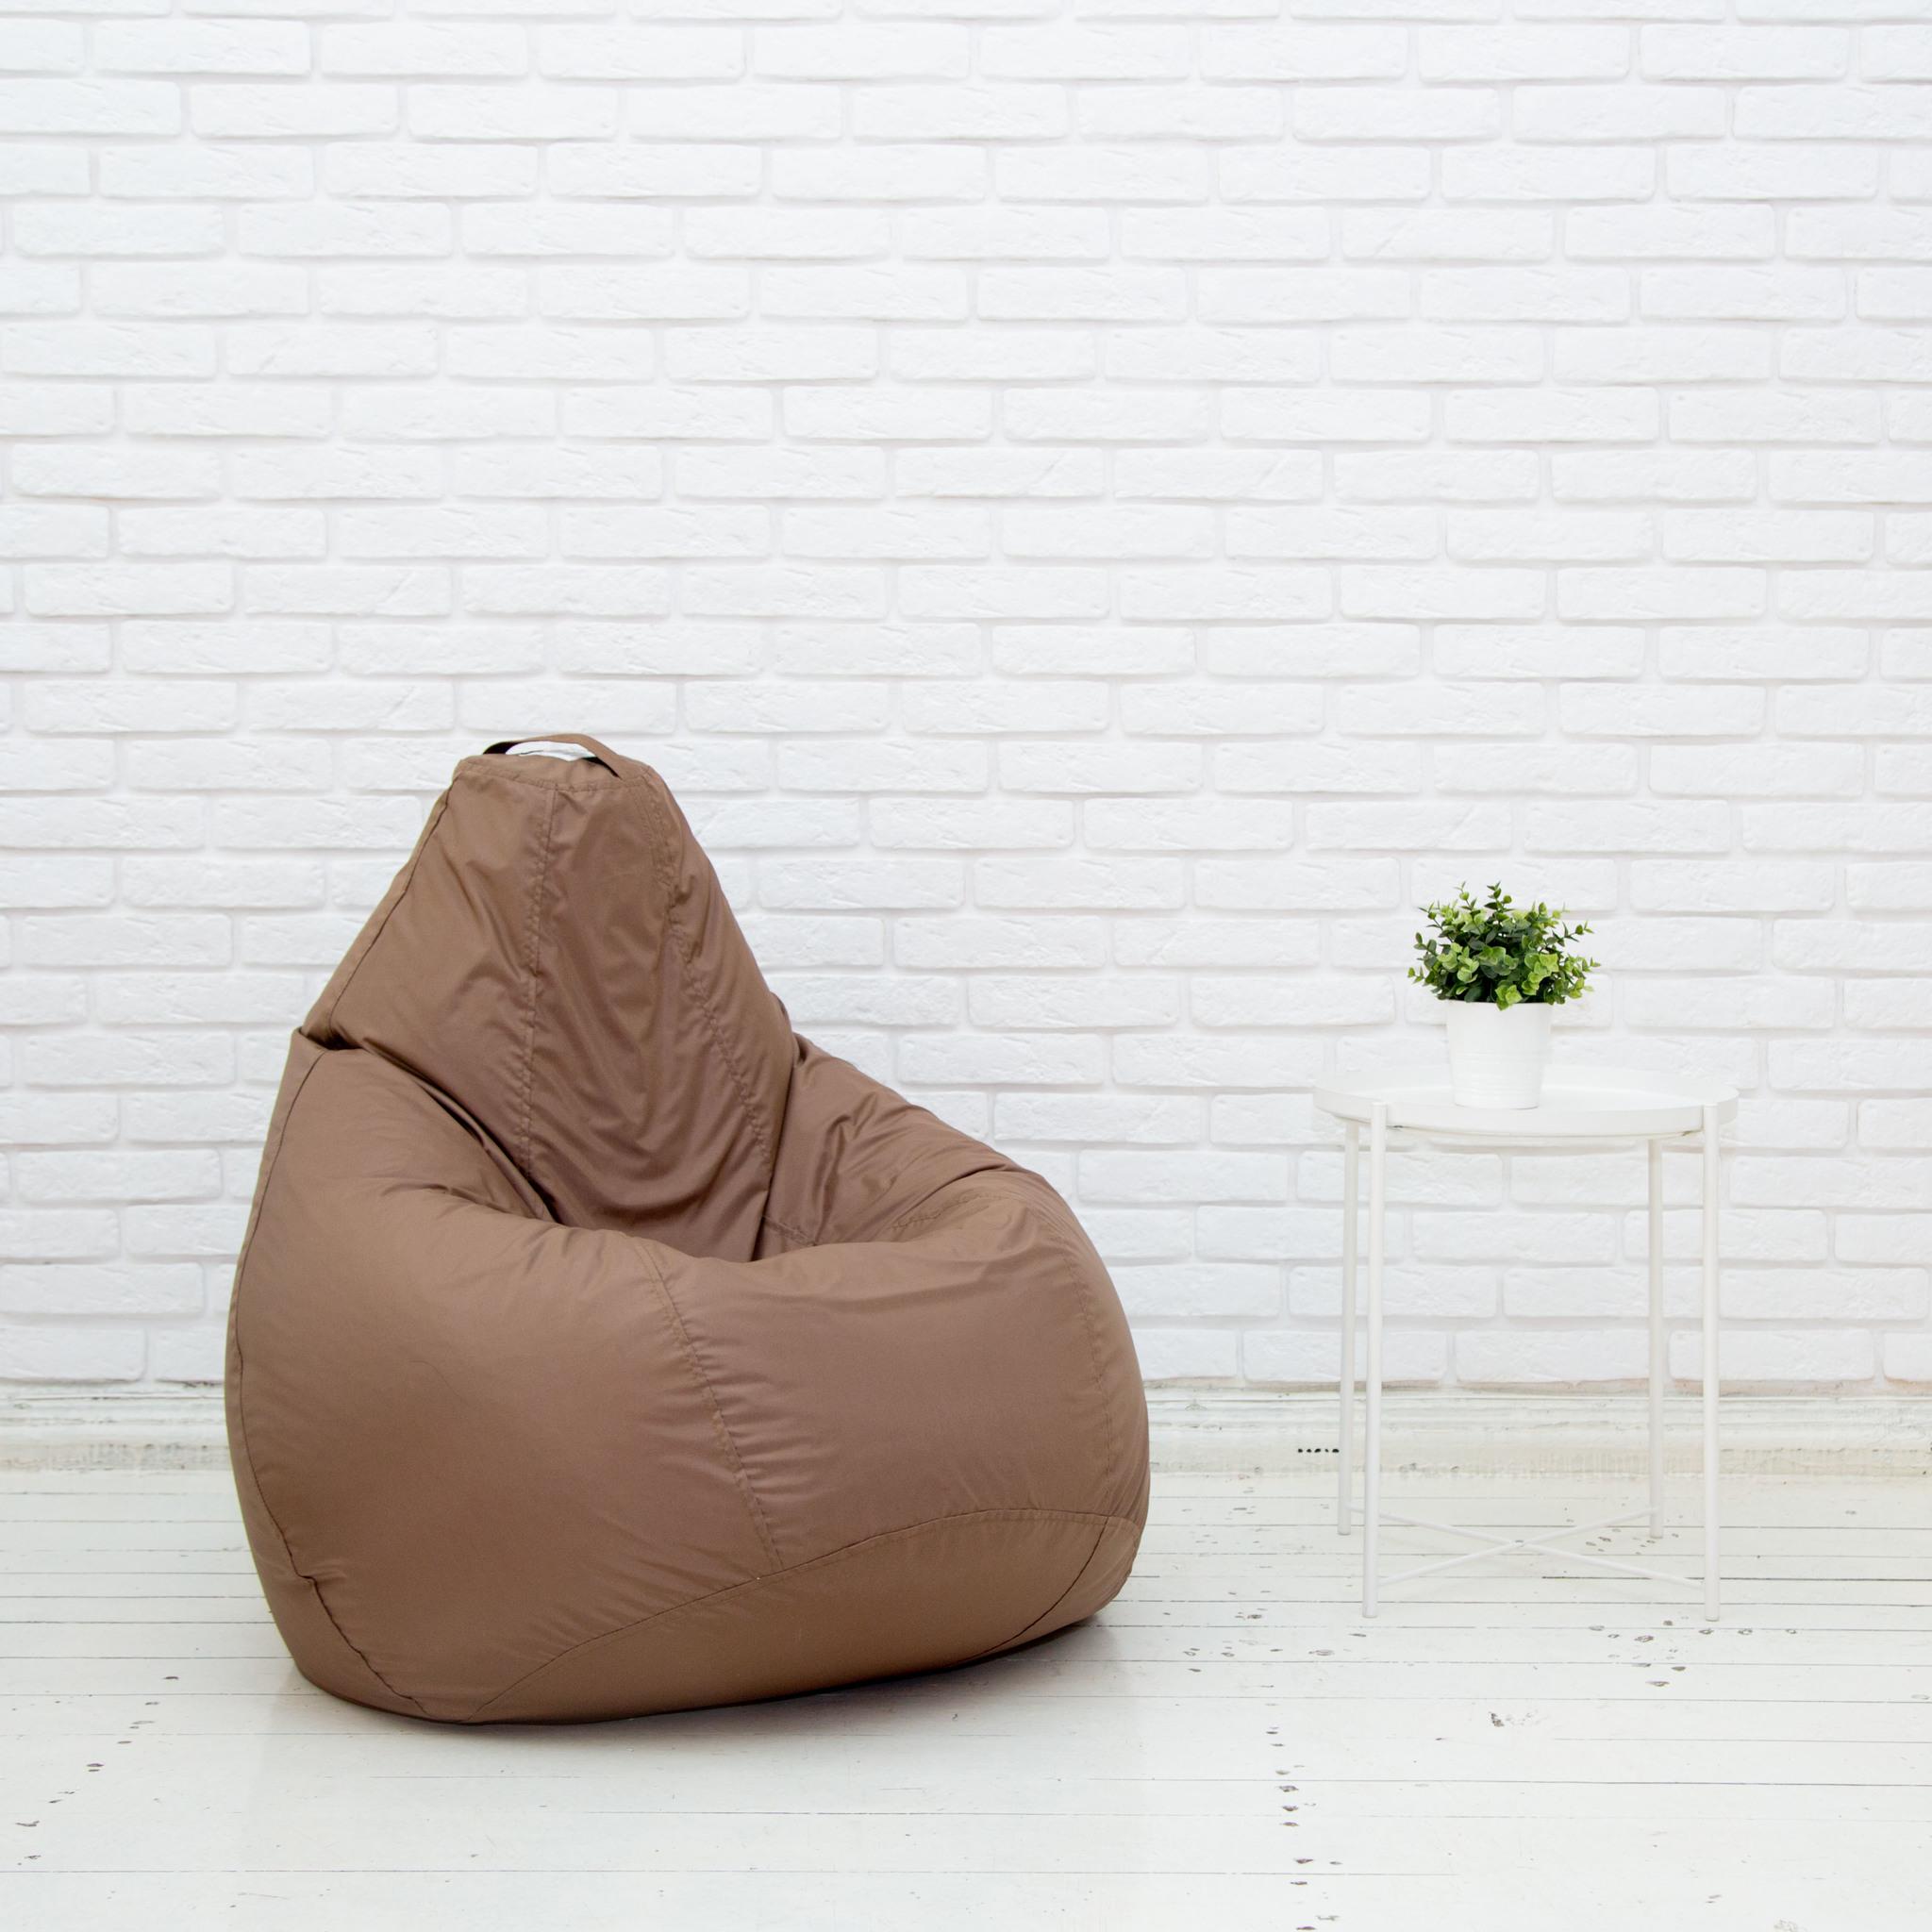 Груша М плащёвка, съёмный чехол (коричневый)